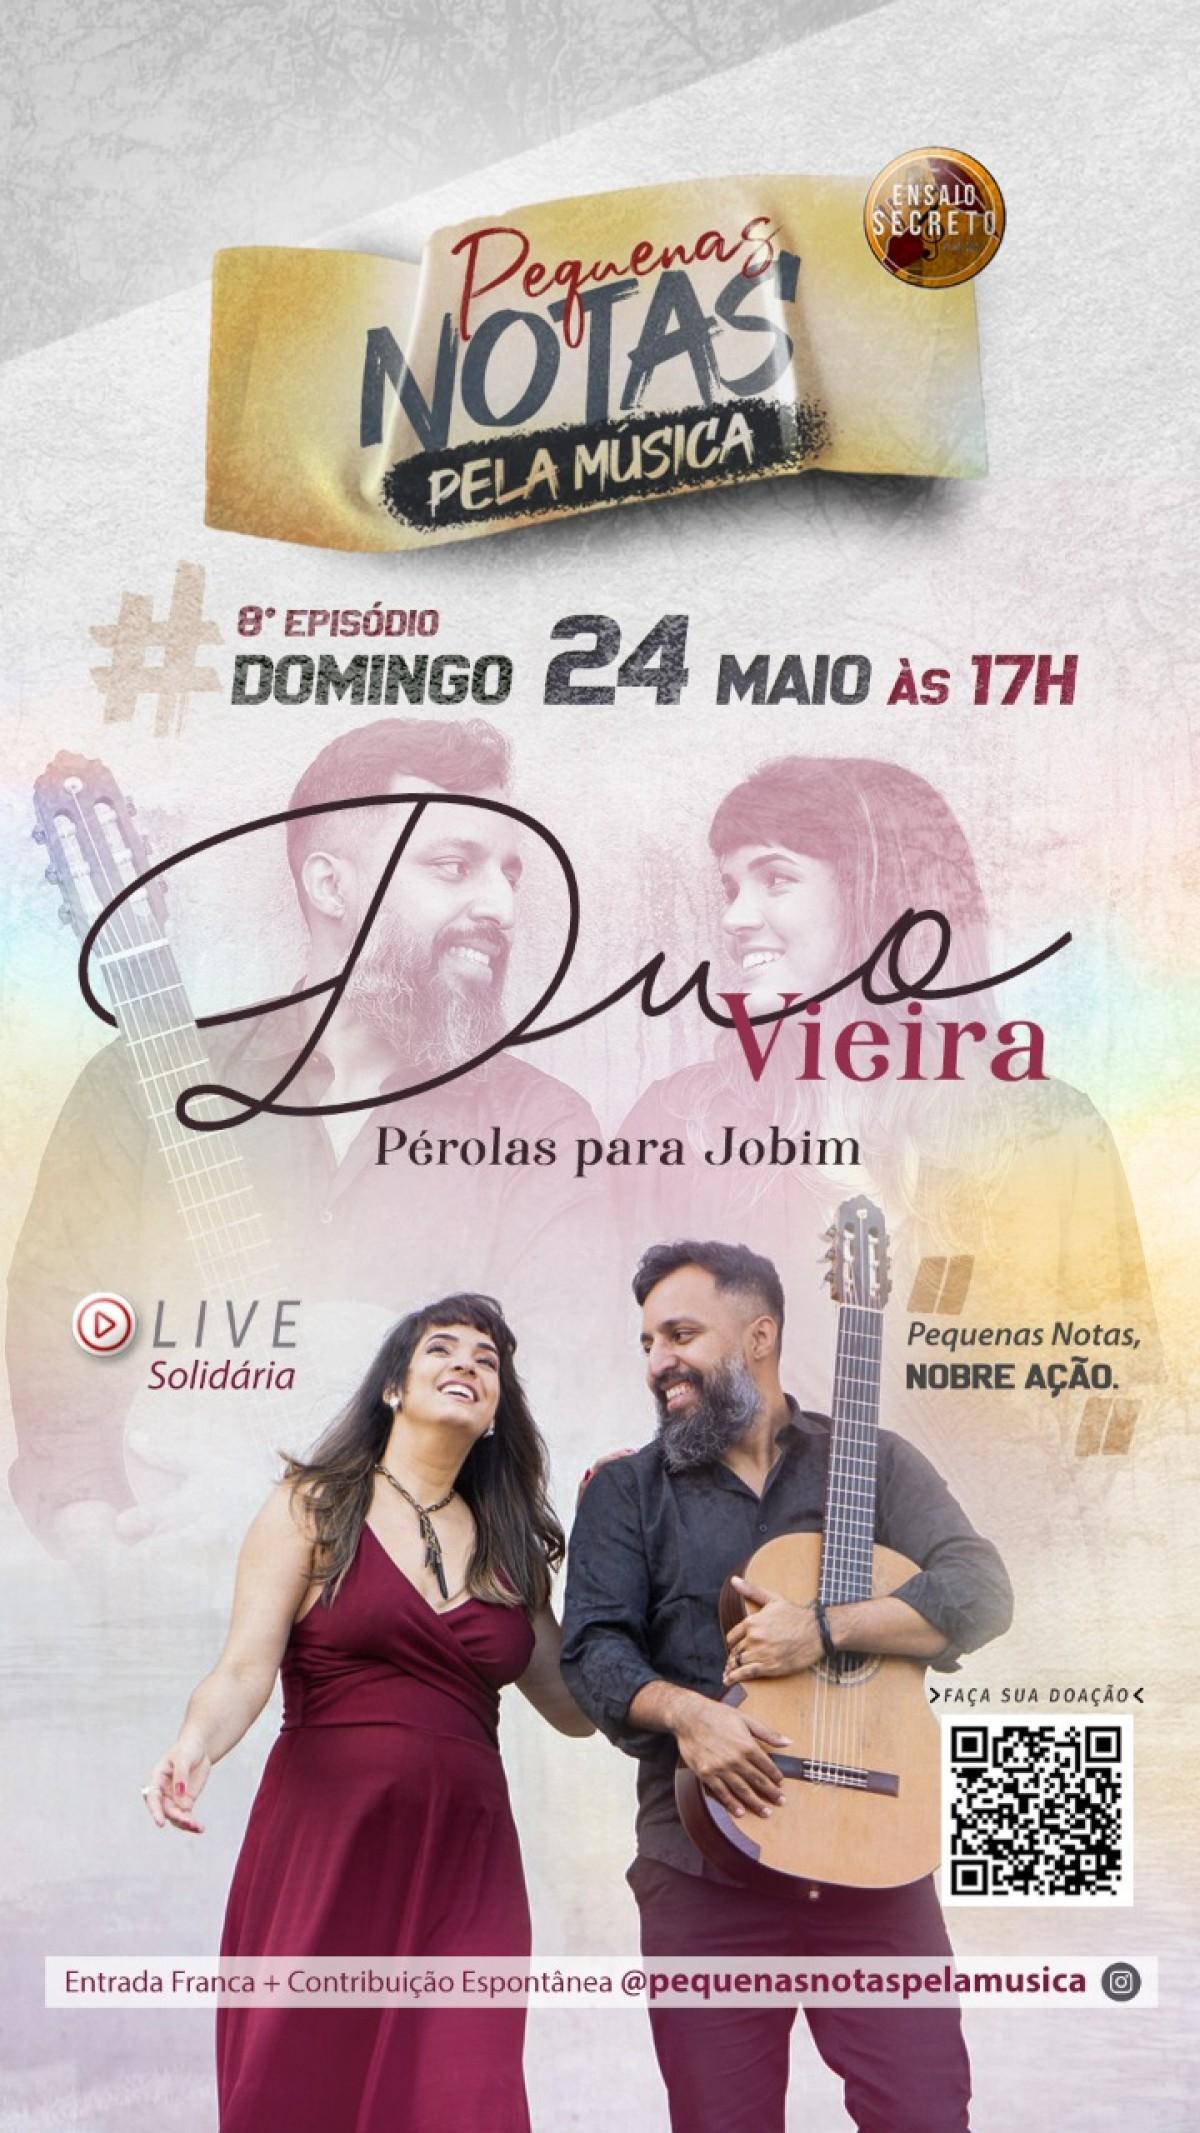 Tom Jobim é revivido em live do Duo Vieira (Imagem: Divulgação)